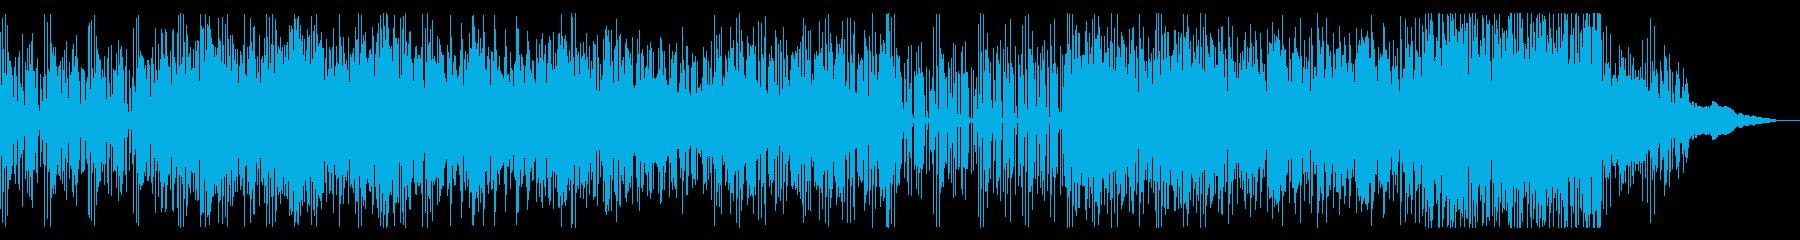 ダークでダンサンブルなテクノの再生済みの波形